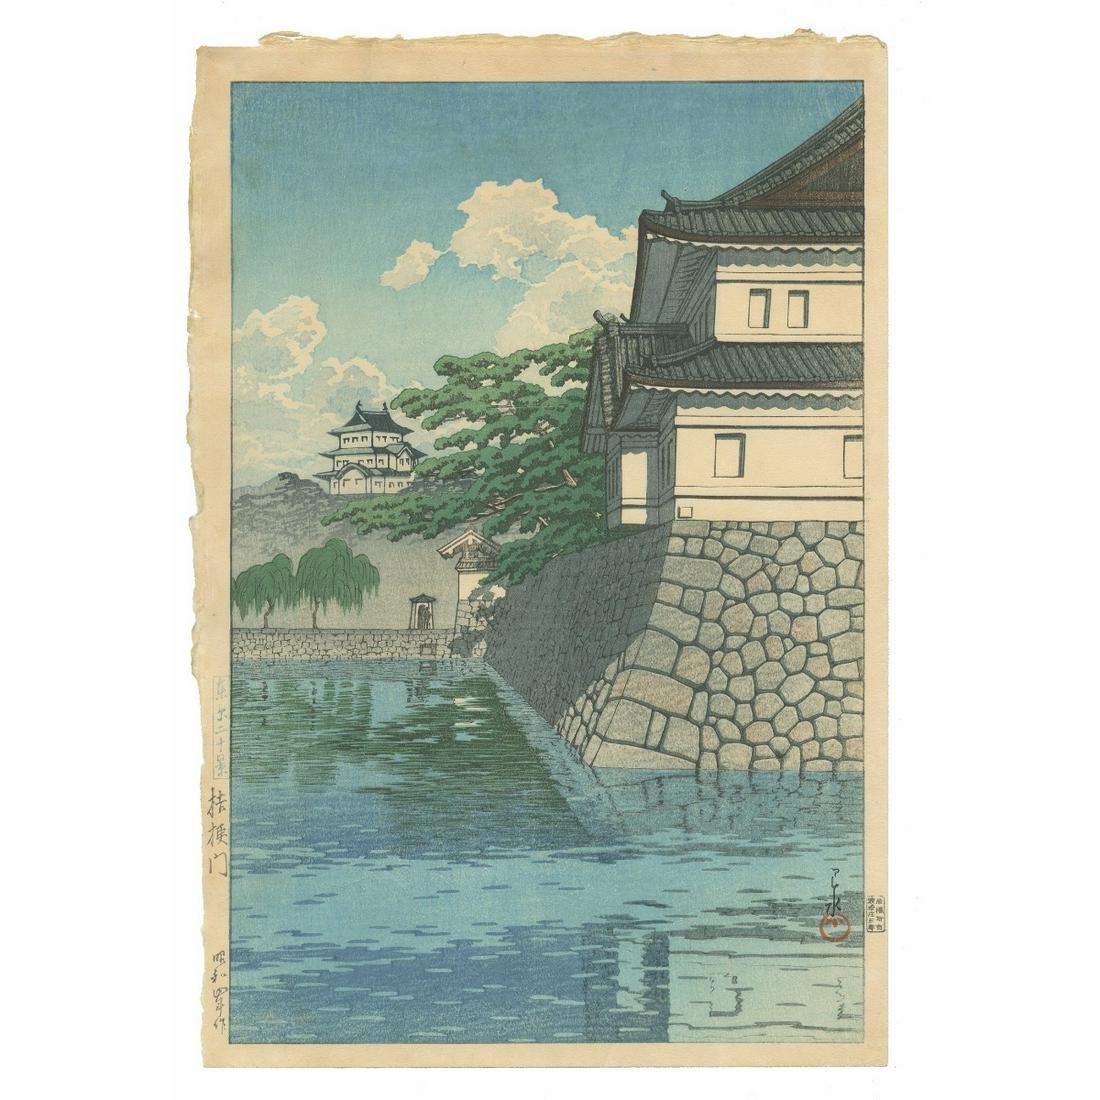 Title: Kawase Hasui, Kikyo-mon Gate, Twenty Views of